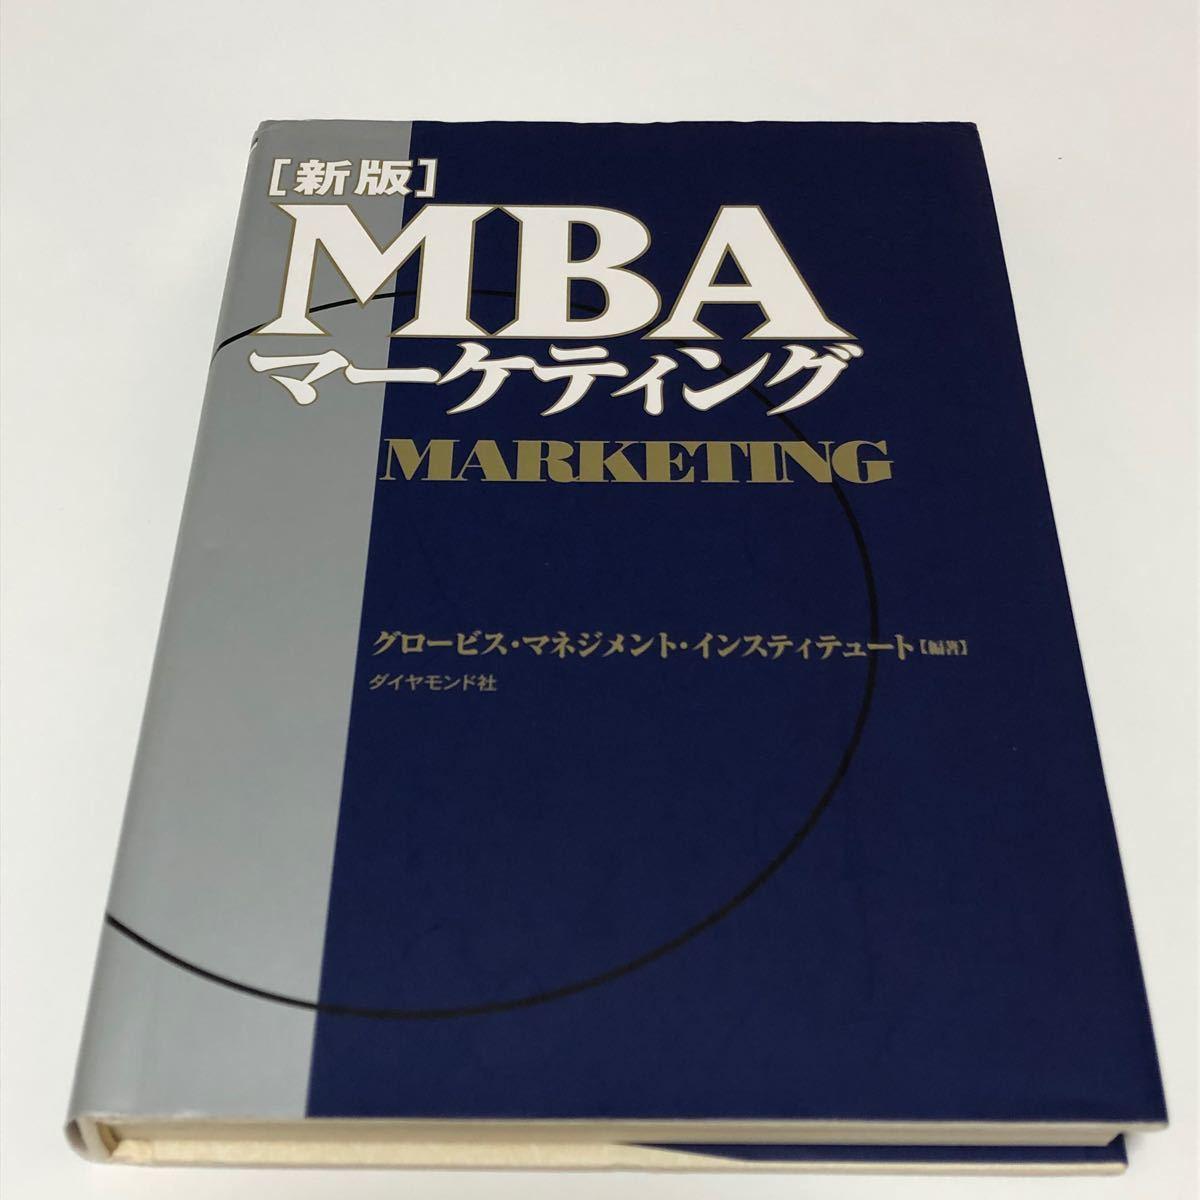 MBAマーケティング/グロービスマネジメントインスティテュート (著者)